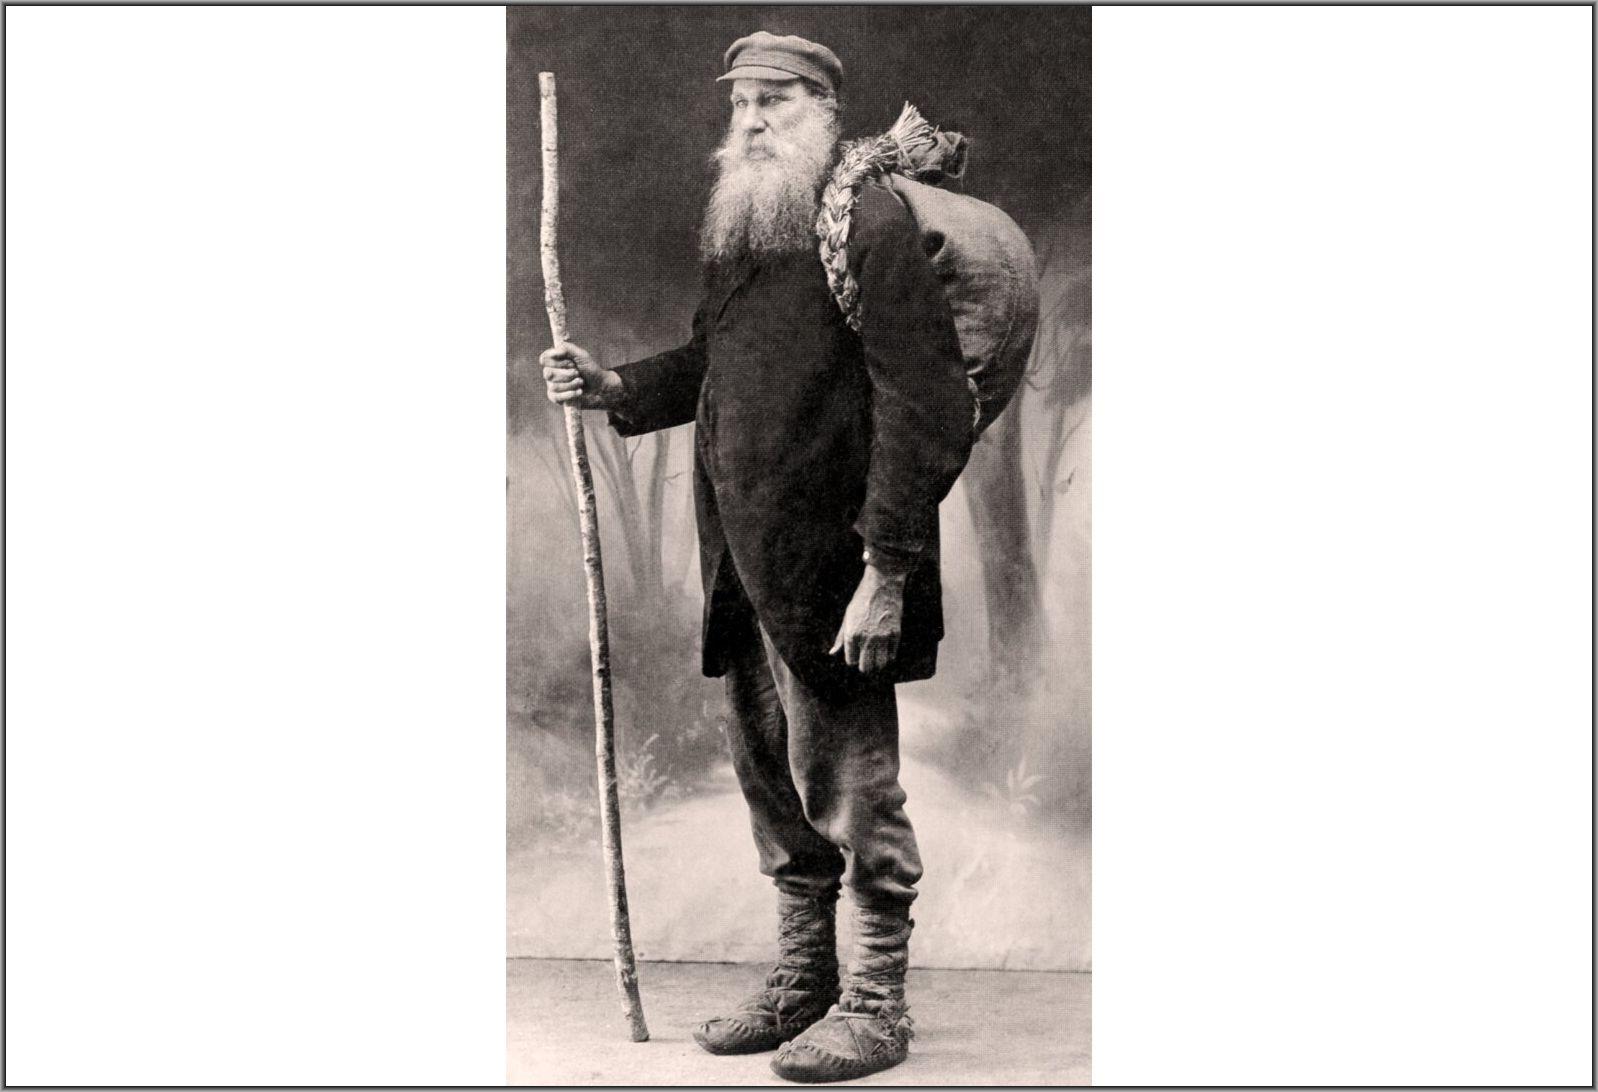 Knygnešys Vincas Juška. XX a. 3–4 deš. Nuotrauka iš: https://www.vle.lt/straipsnis/lietuviu-tautinis-judejimas/